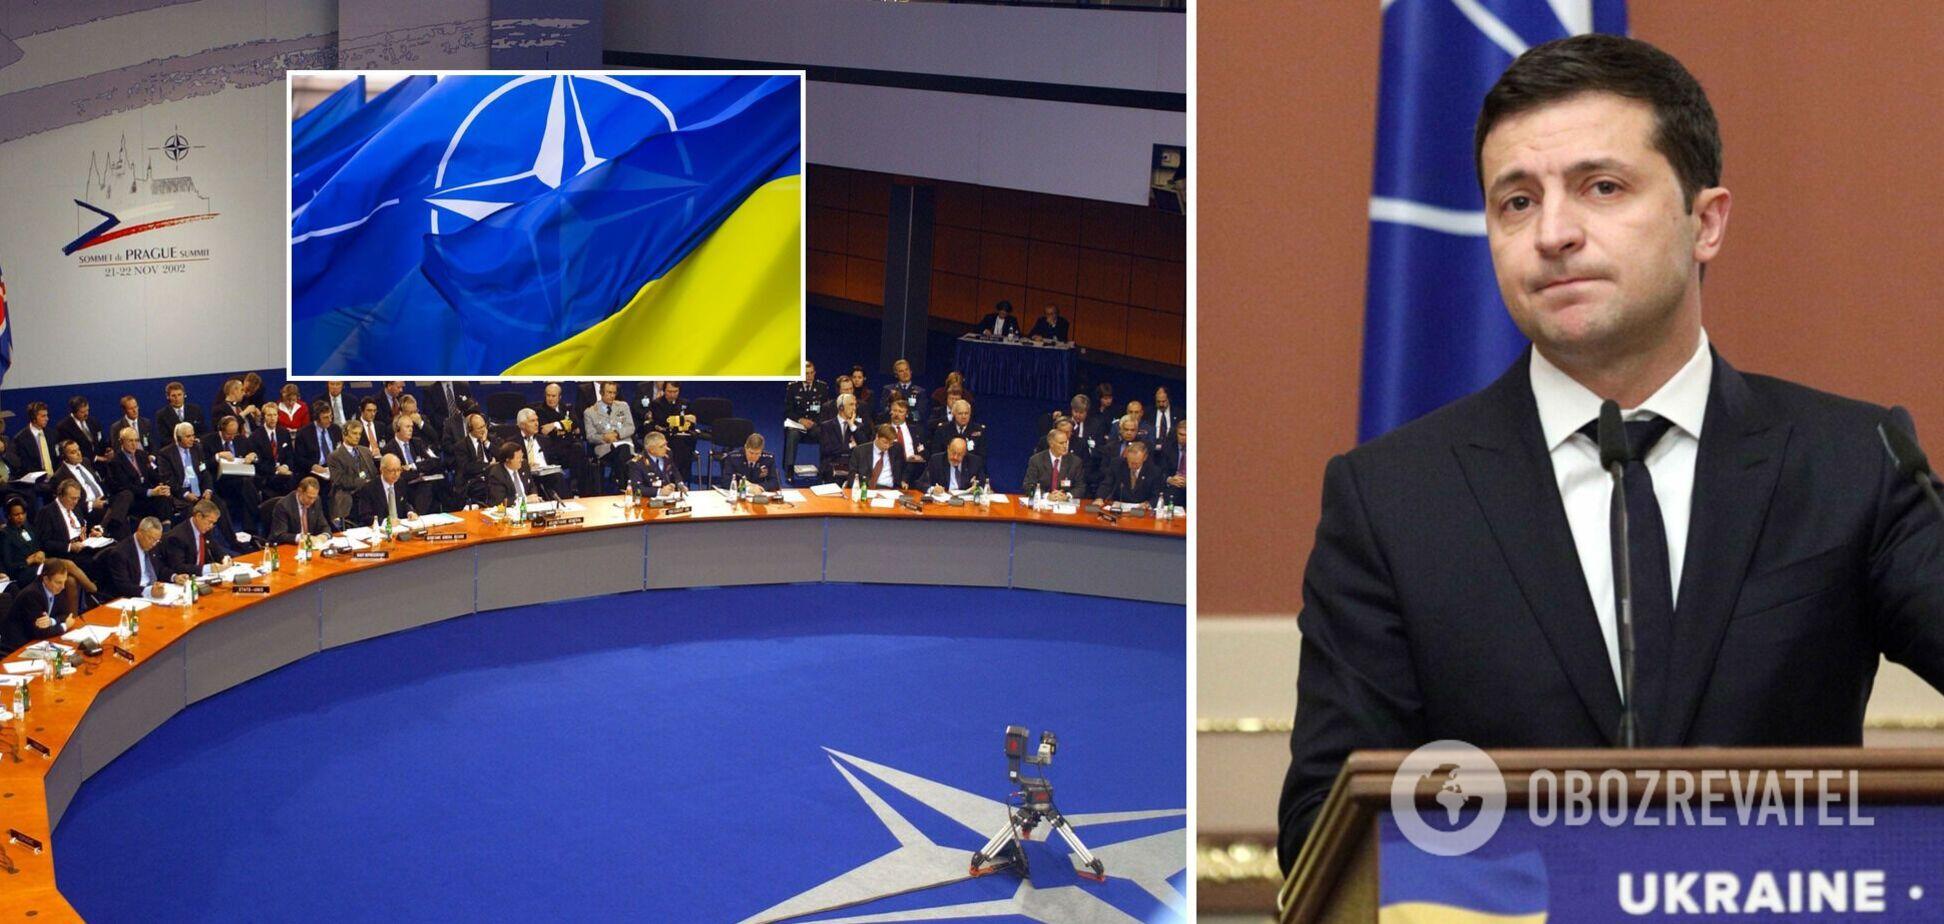 Резников рассказал о 'знаке всему миру' относительно Украины на саммите НАТО